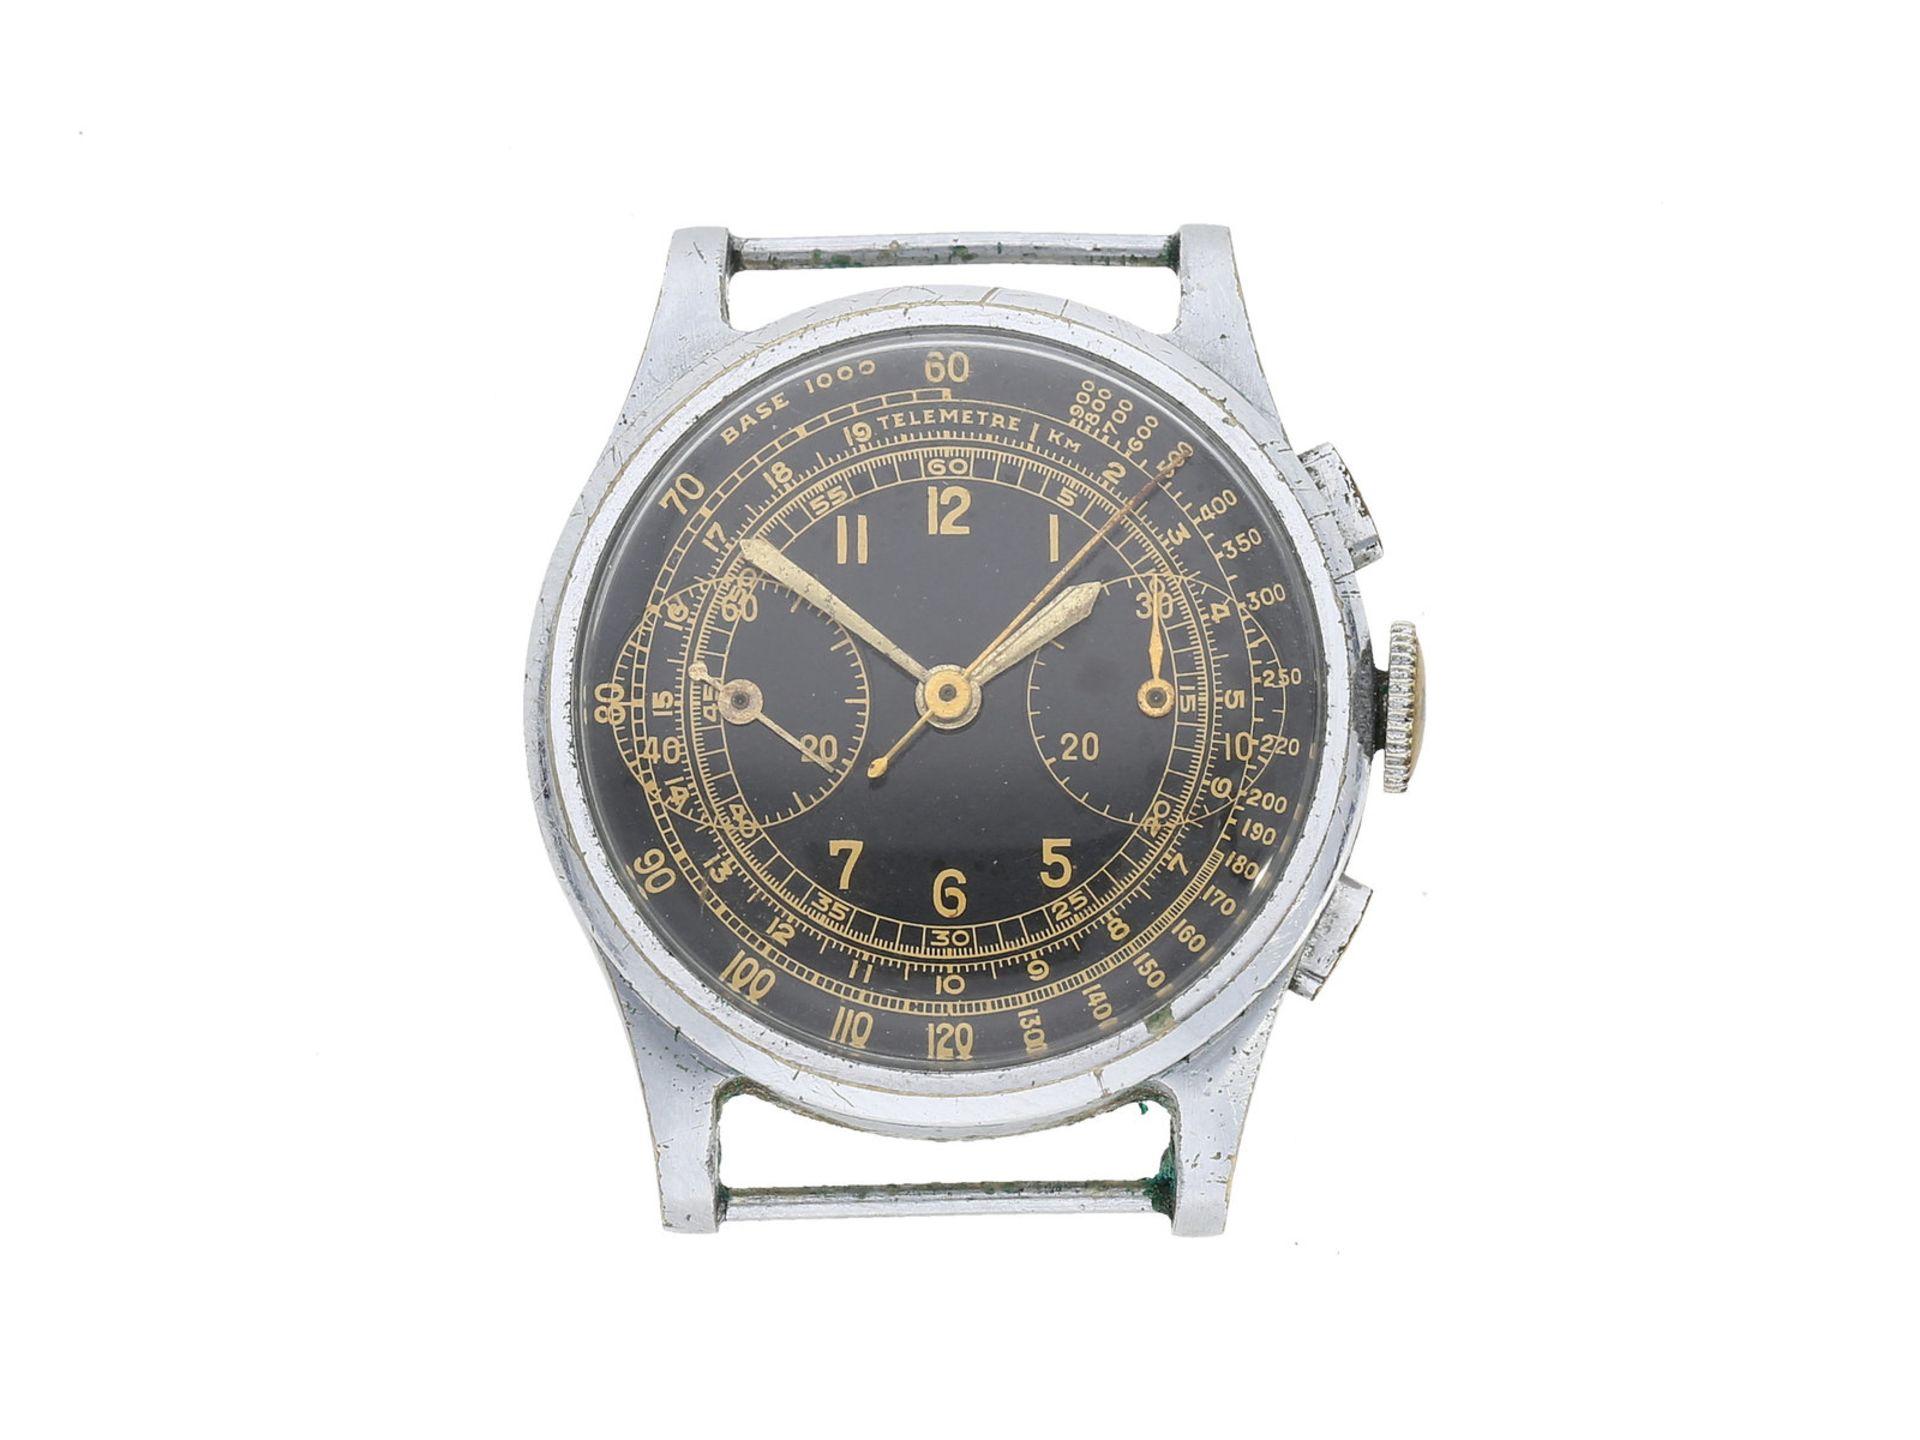 Armbanduhr: attraktiver Stahl-Chronograph mit schwarzem Zifferblatt und goldener Telemeter- und